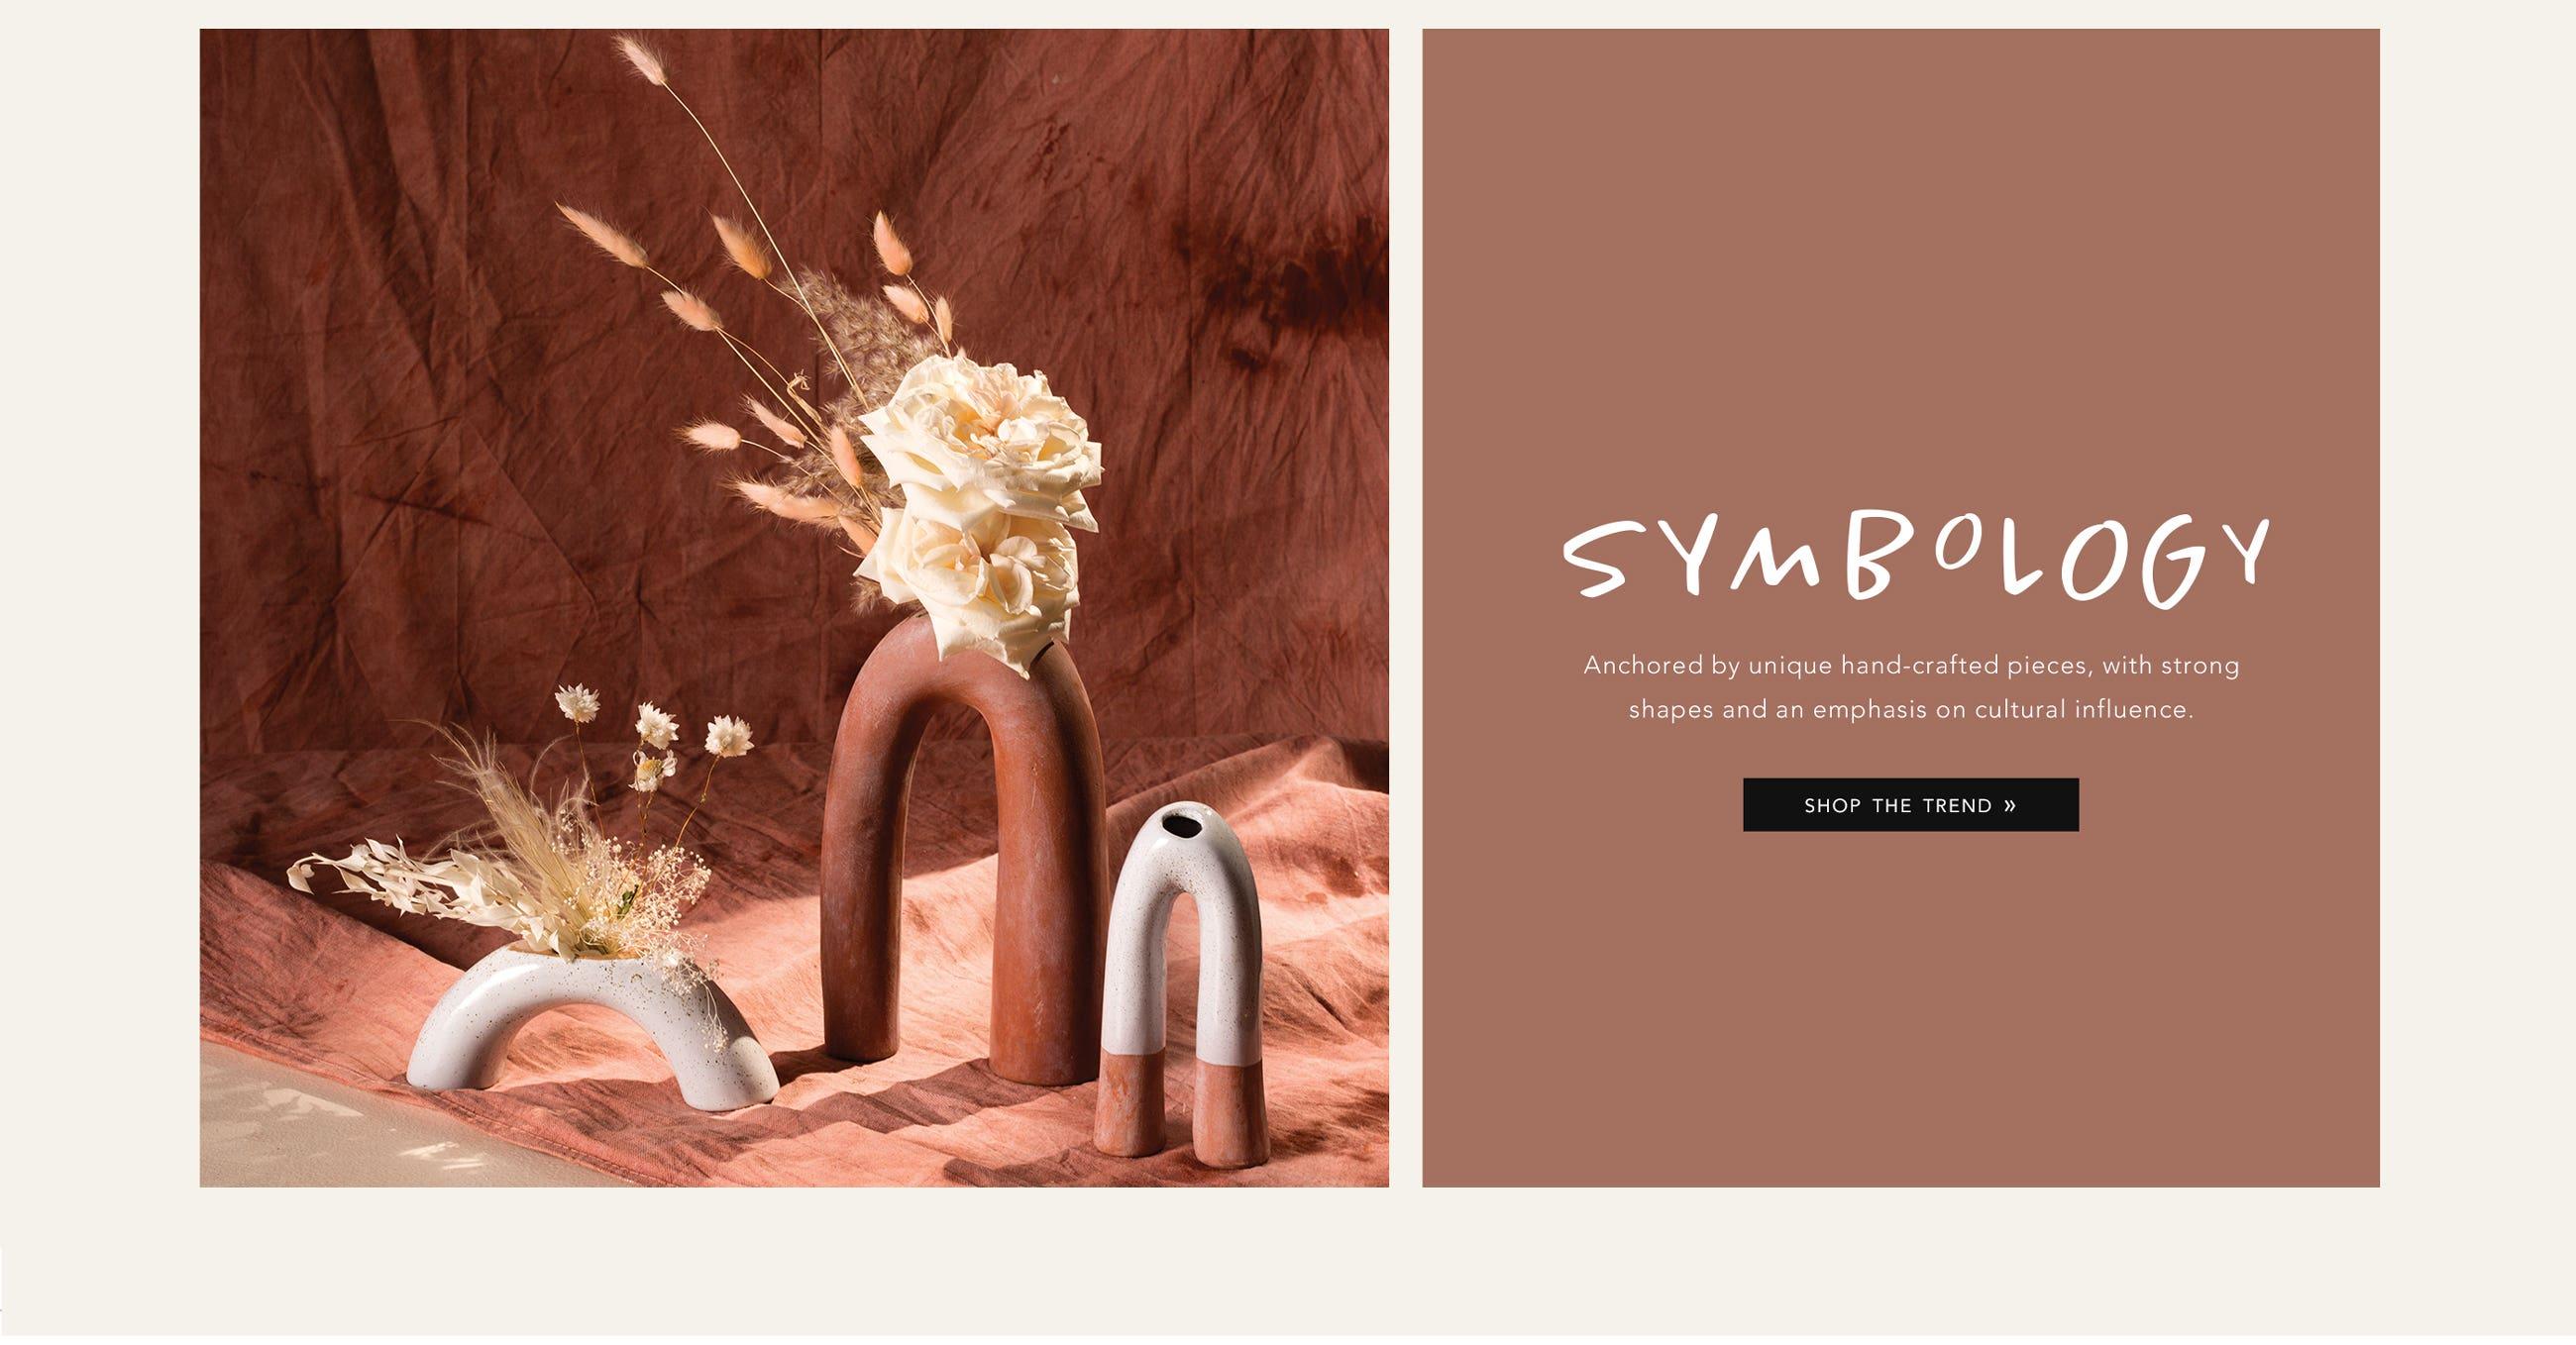 Shop Symbology Trend